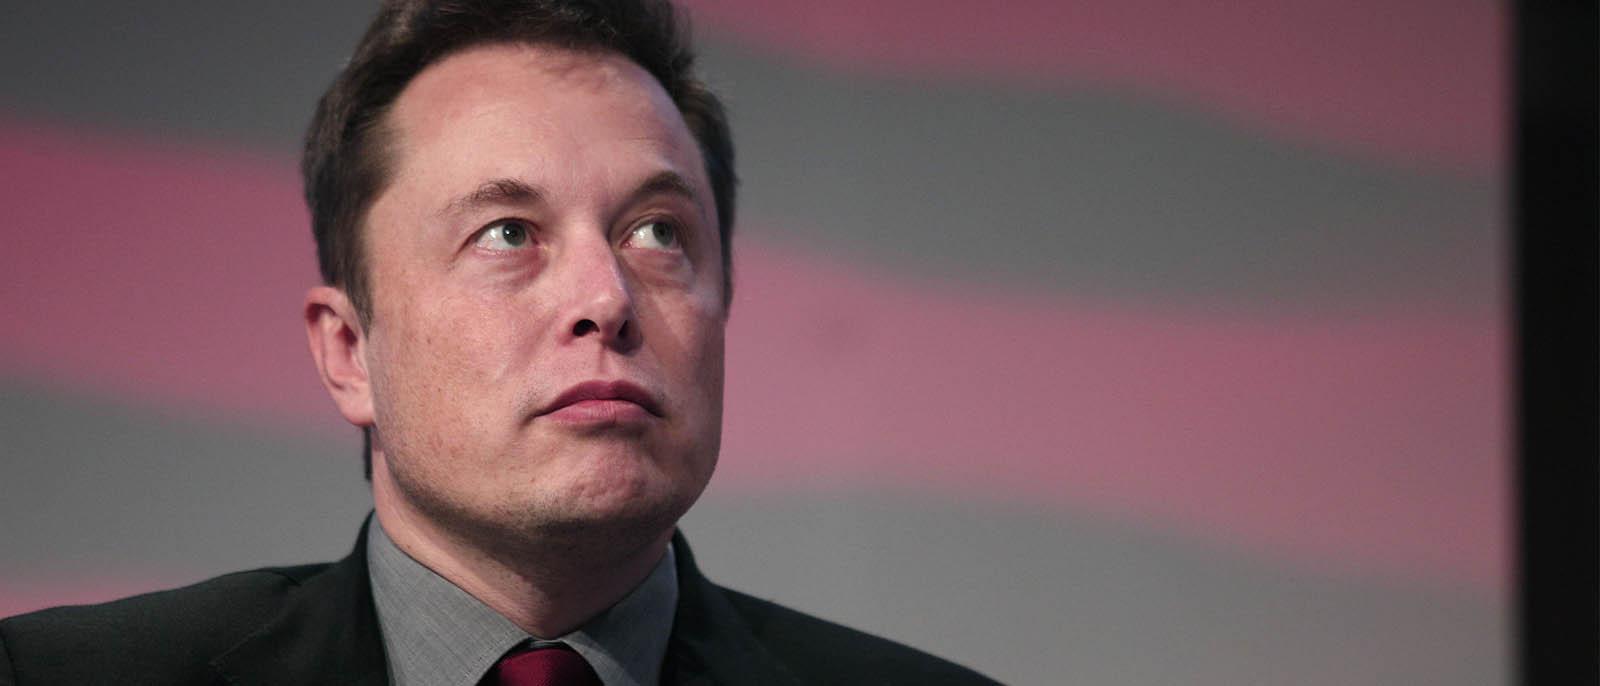 Wegen OpenAI: Elon Musk fordert Regulierung der Entwicklung von Künstlicher Intelligenz